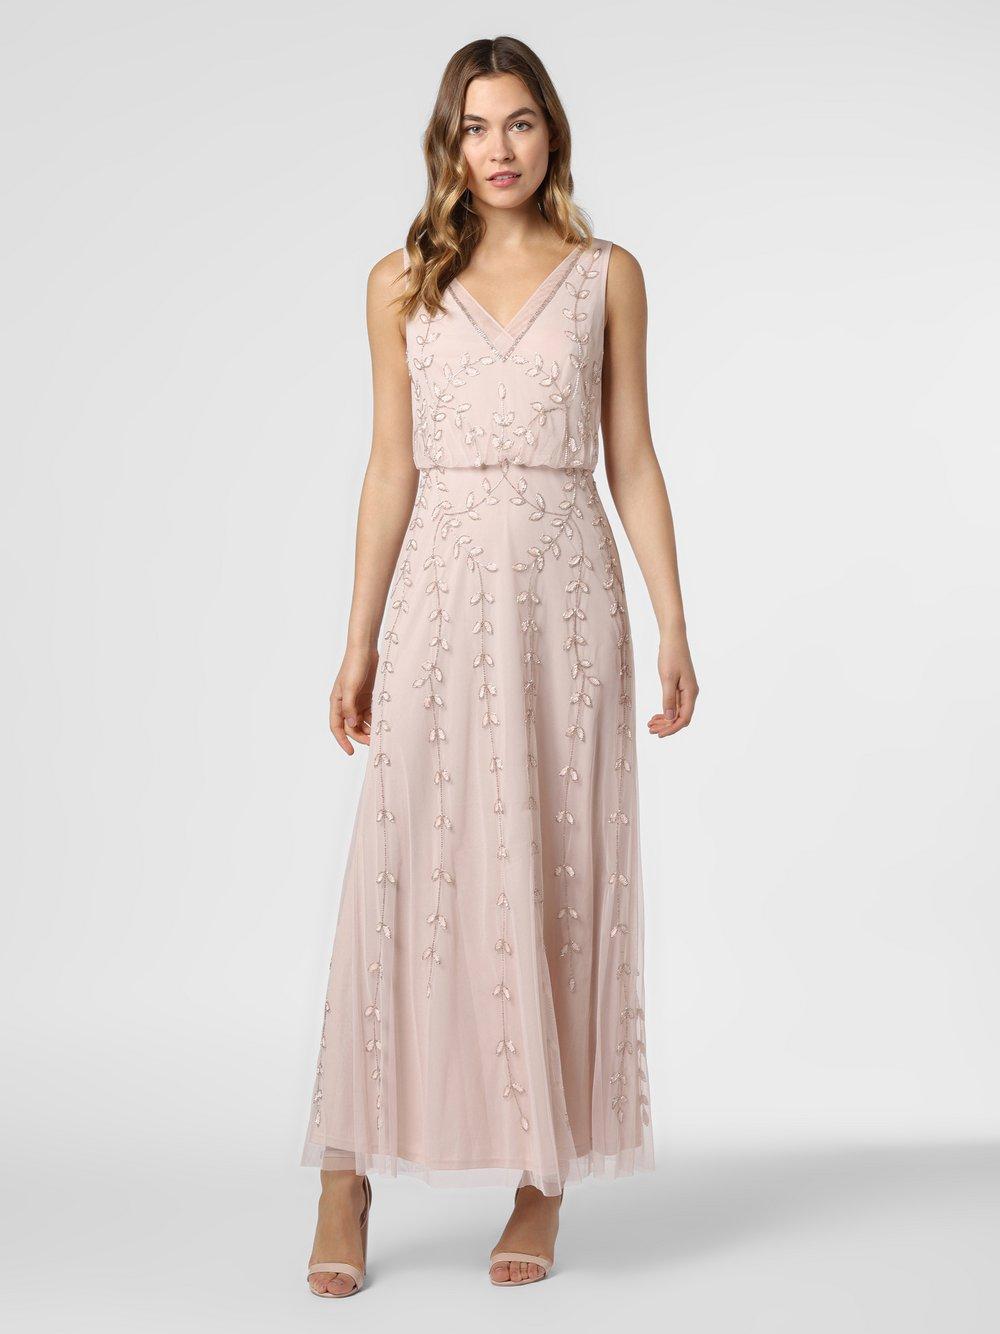 Hailey Logan Damen Abendkleid online kaufen  PEEK-UND-CLOPPENBURG.DE